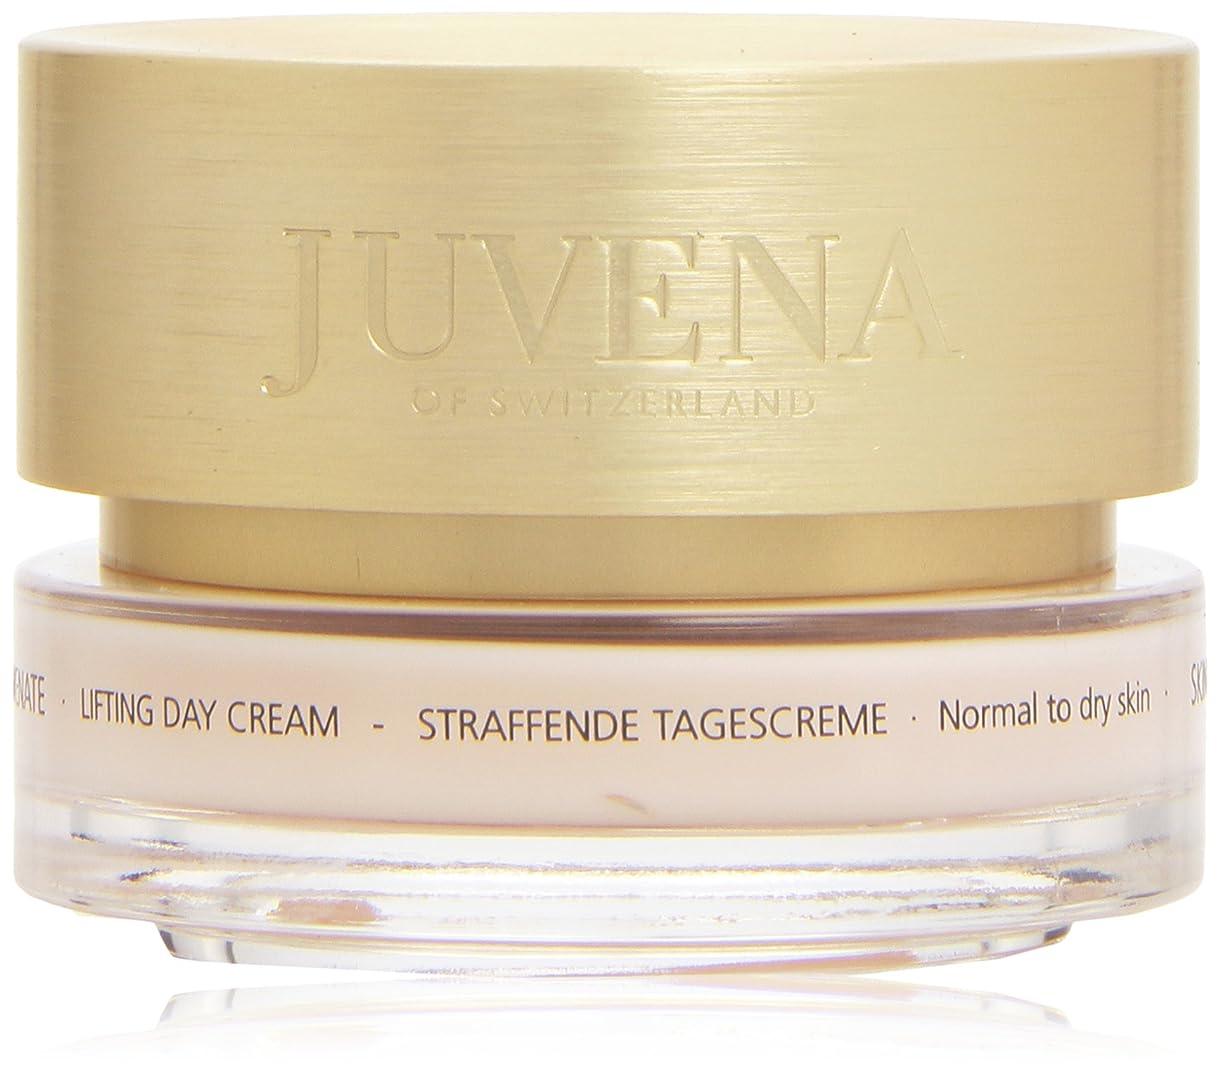 未使用状態海外でJuvena - ジュベナリフレッシュリフティングクリーム正常な皮膚50ML - 【並行輸入品】